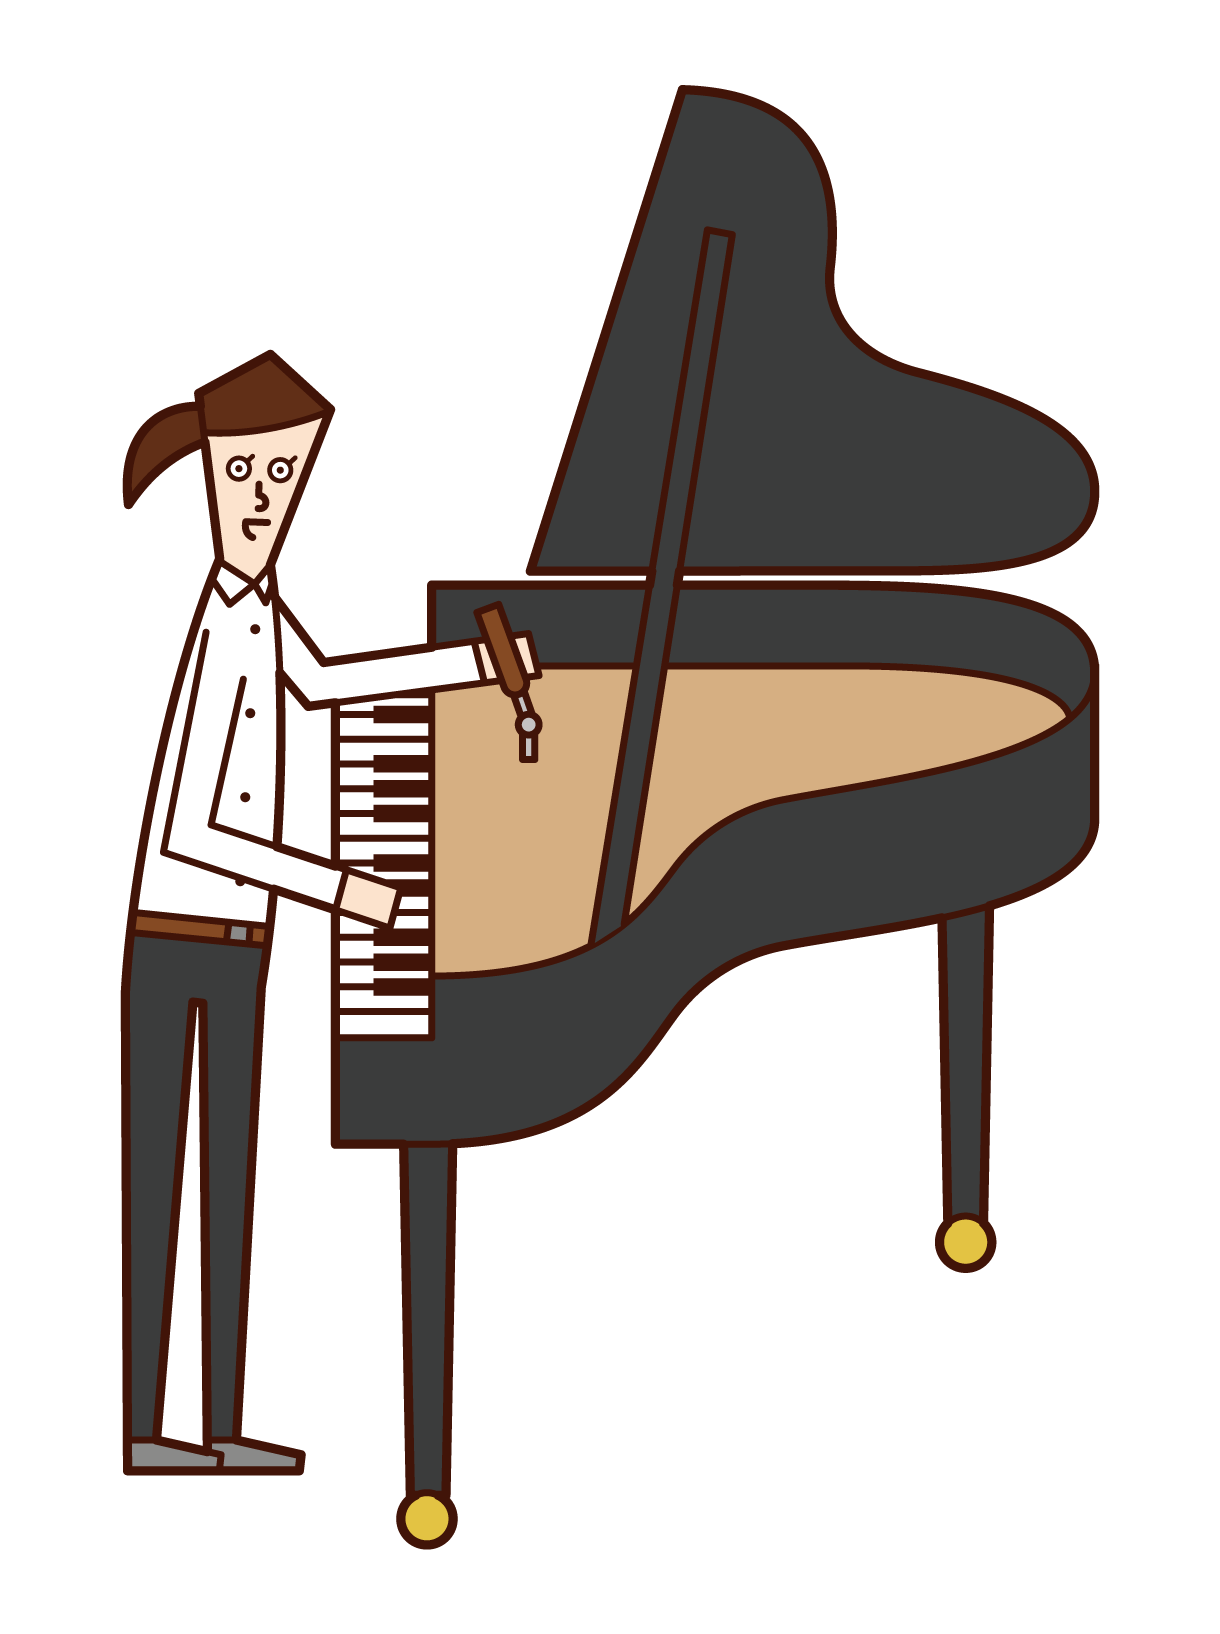 피아노 튜너(여성)의 일러스트